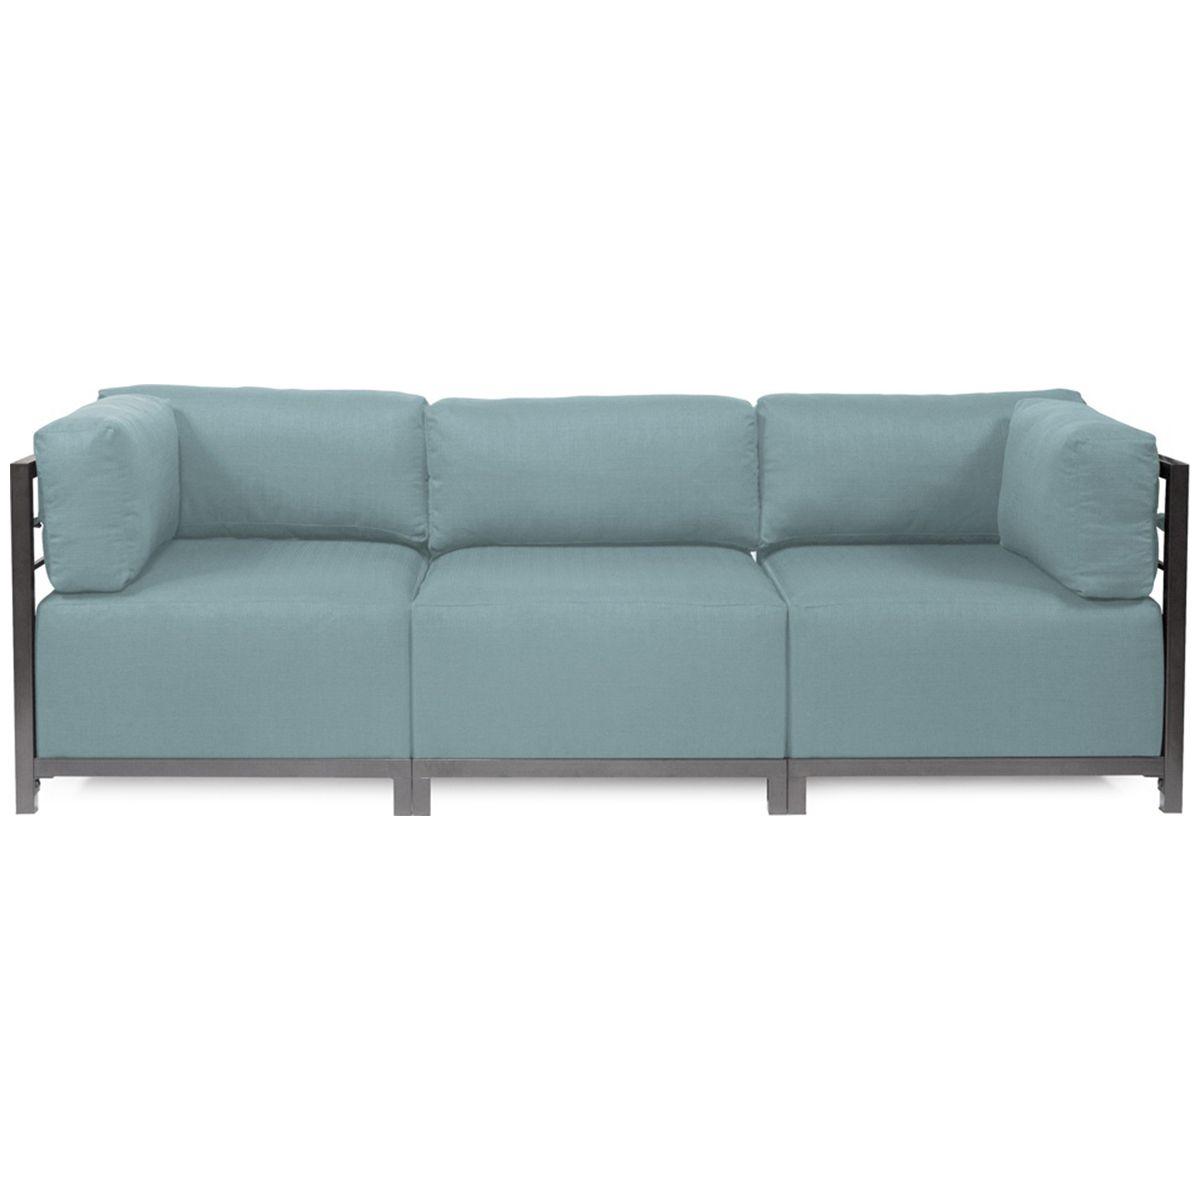 howard-elliott-sterling-axis-corner-chair-titanium-frame